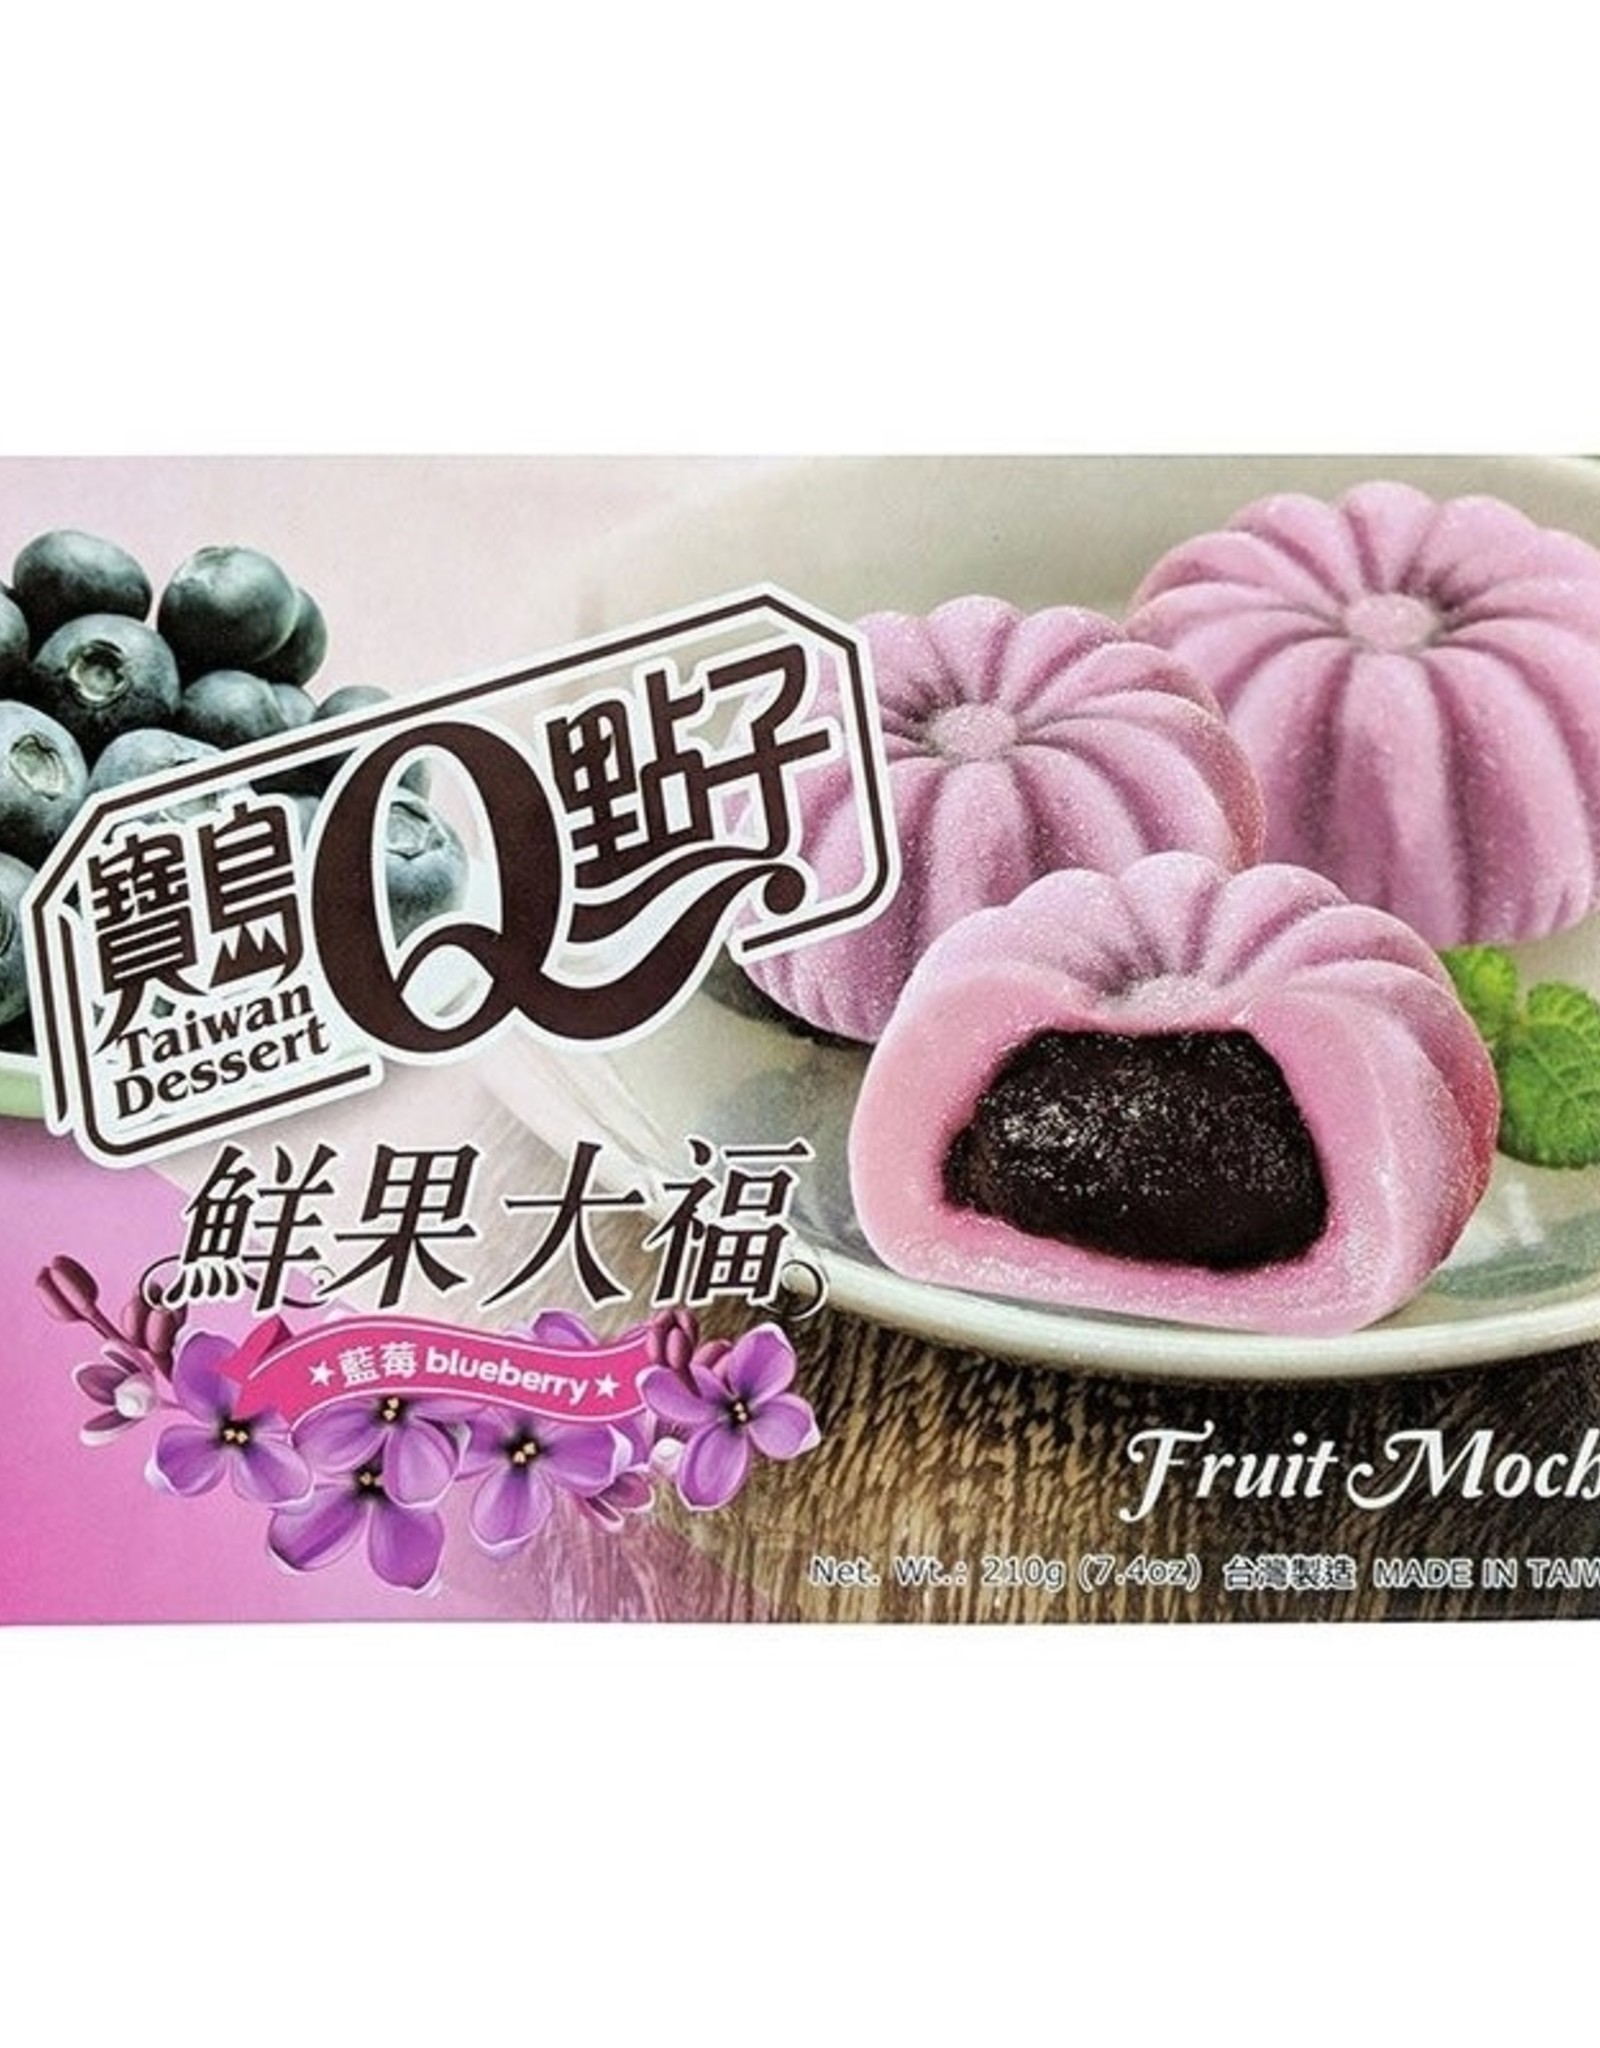 He Fong Fruit Mochi Bosbes 210g